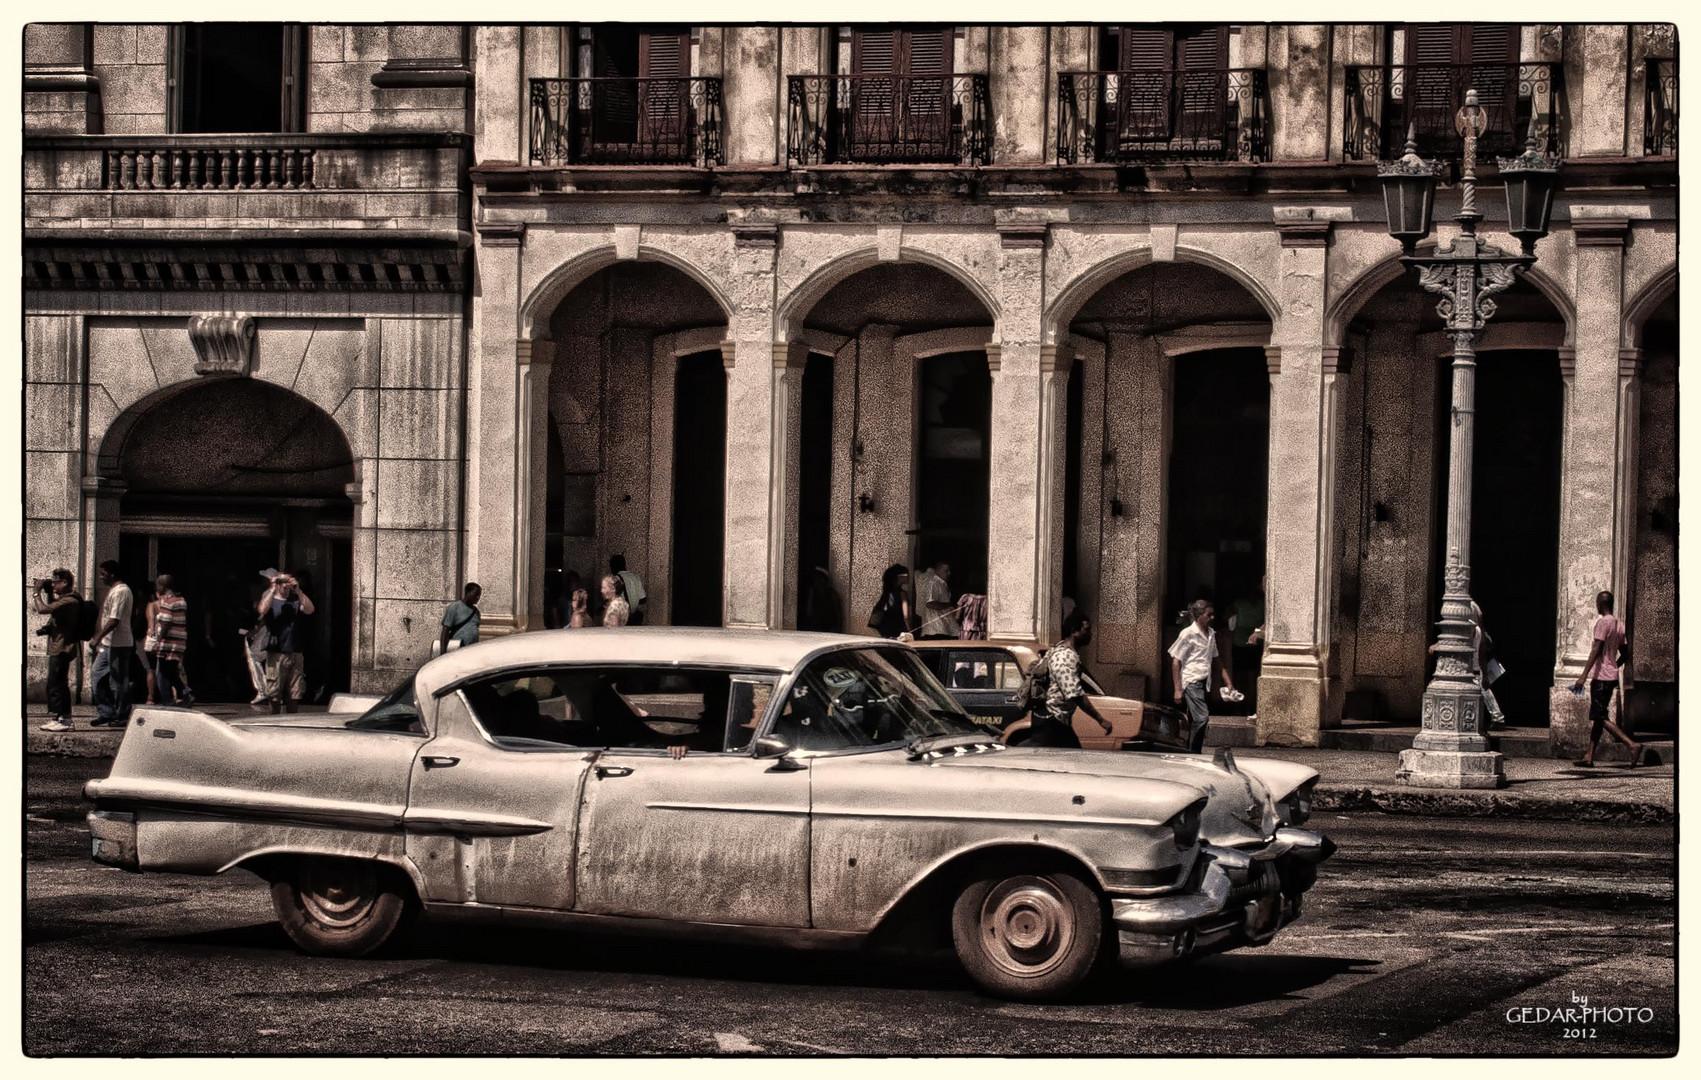 kubanisches Kulturgut XII